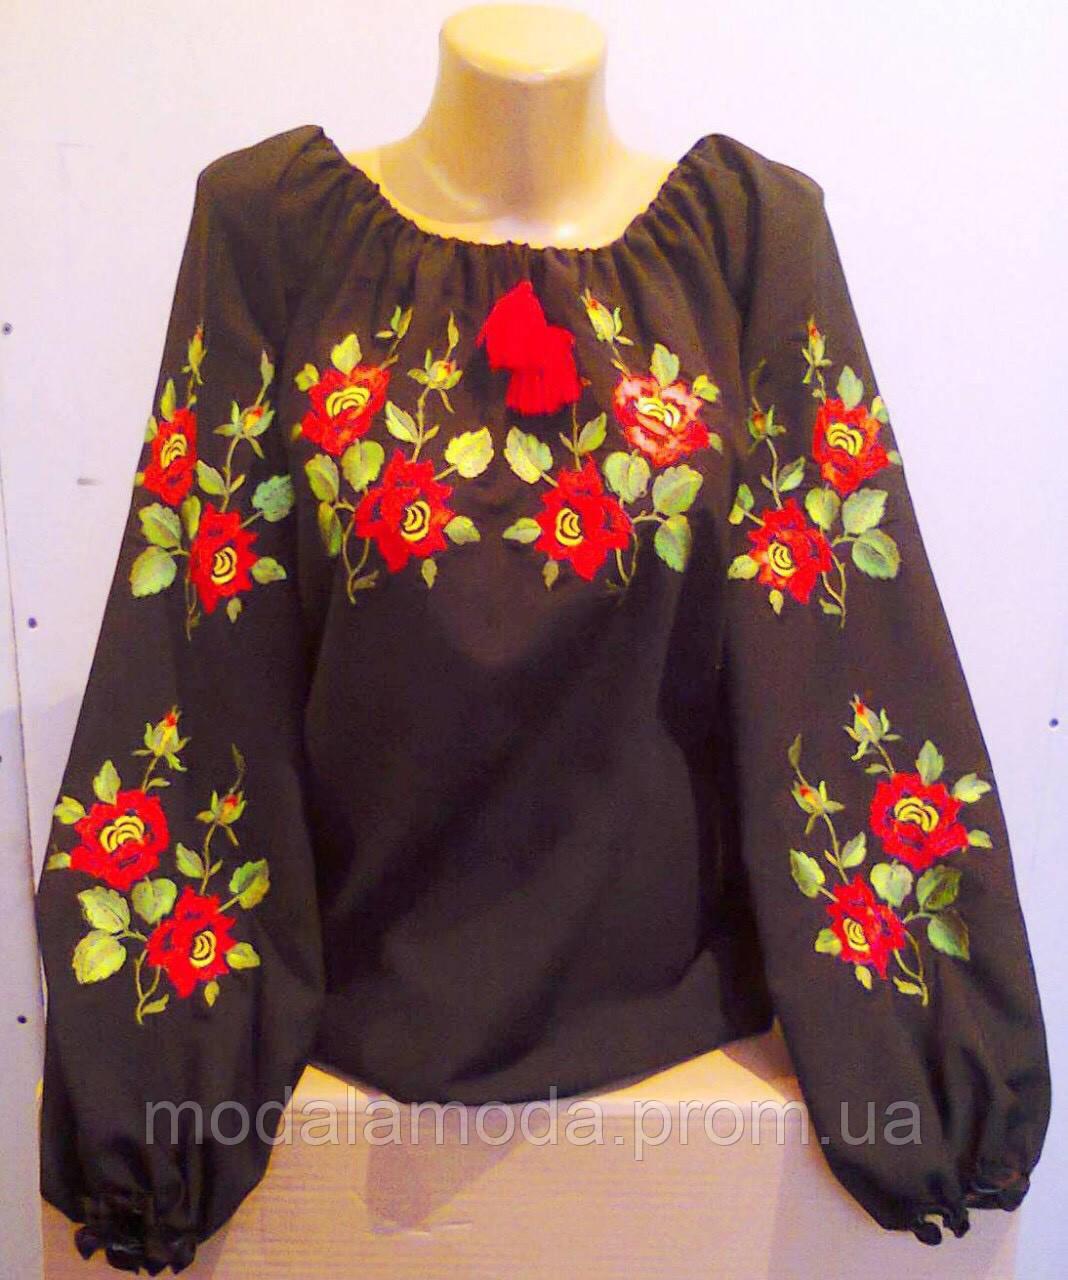 8130a4e2c9d Стильная красивая черная женская вышиванка с цветочным узором